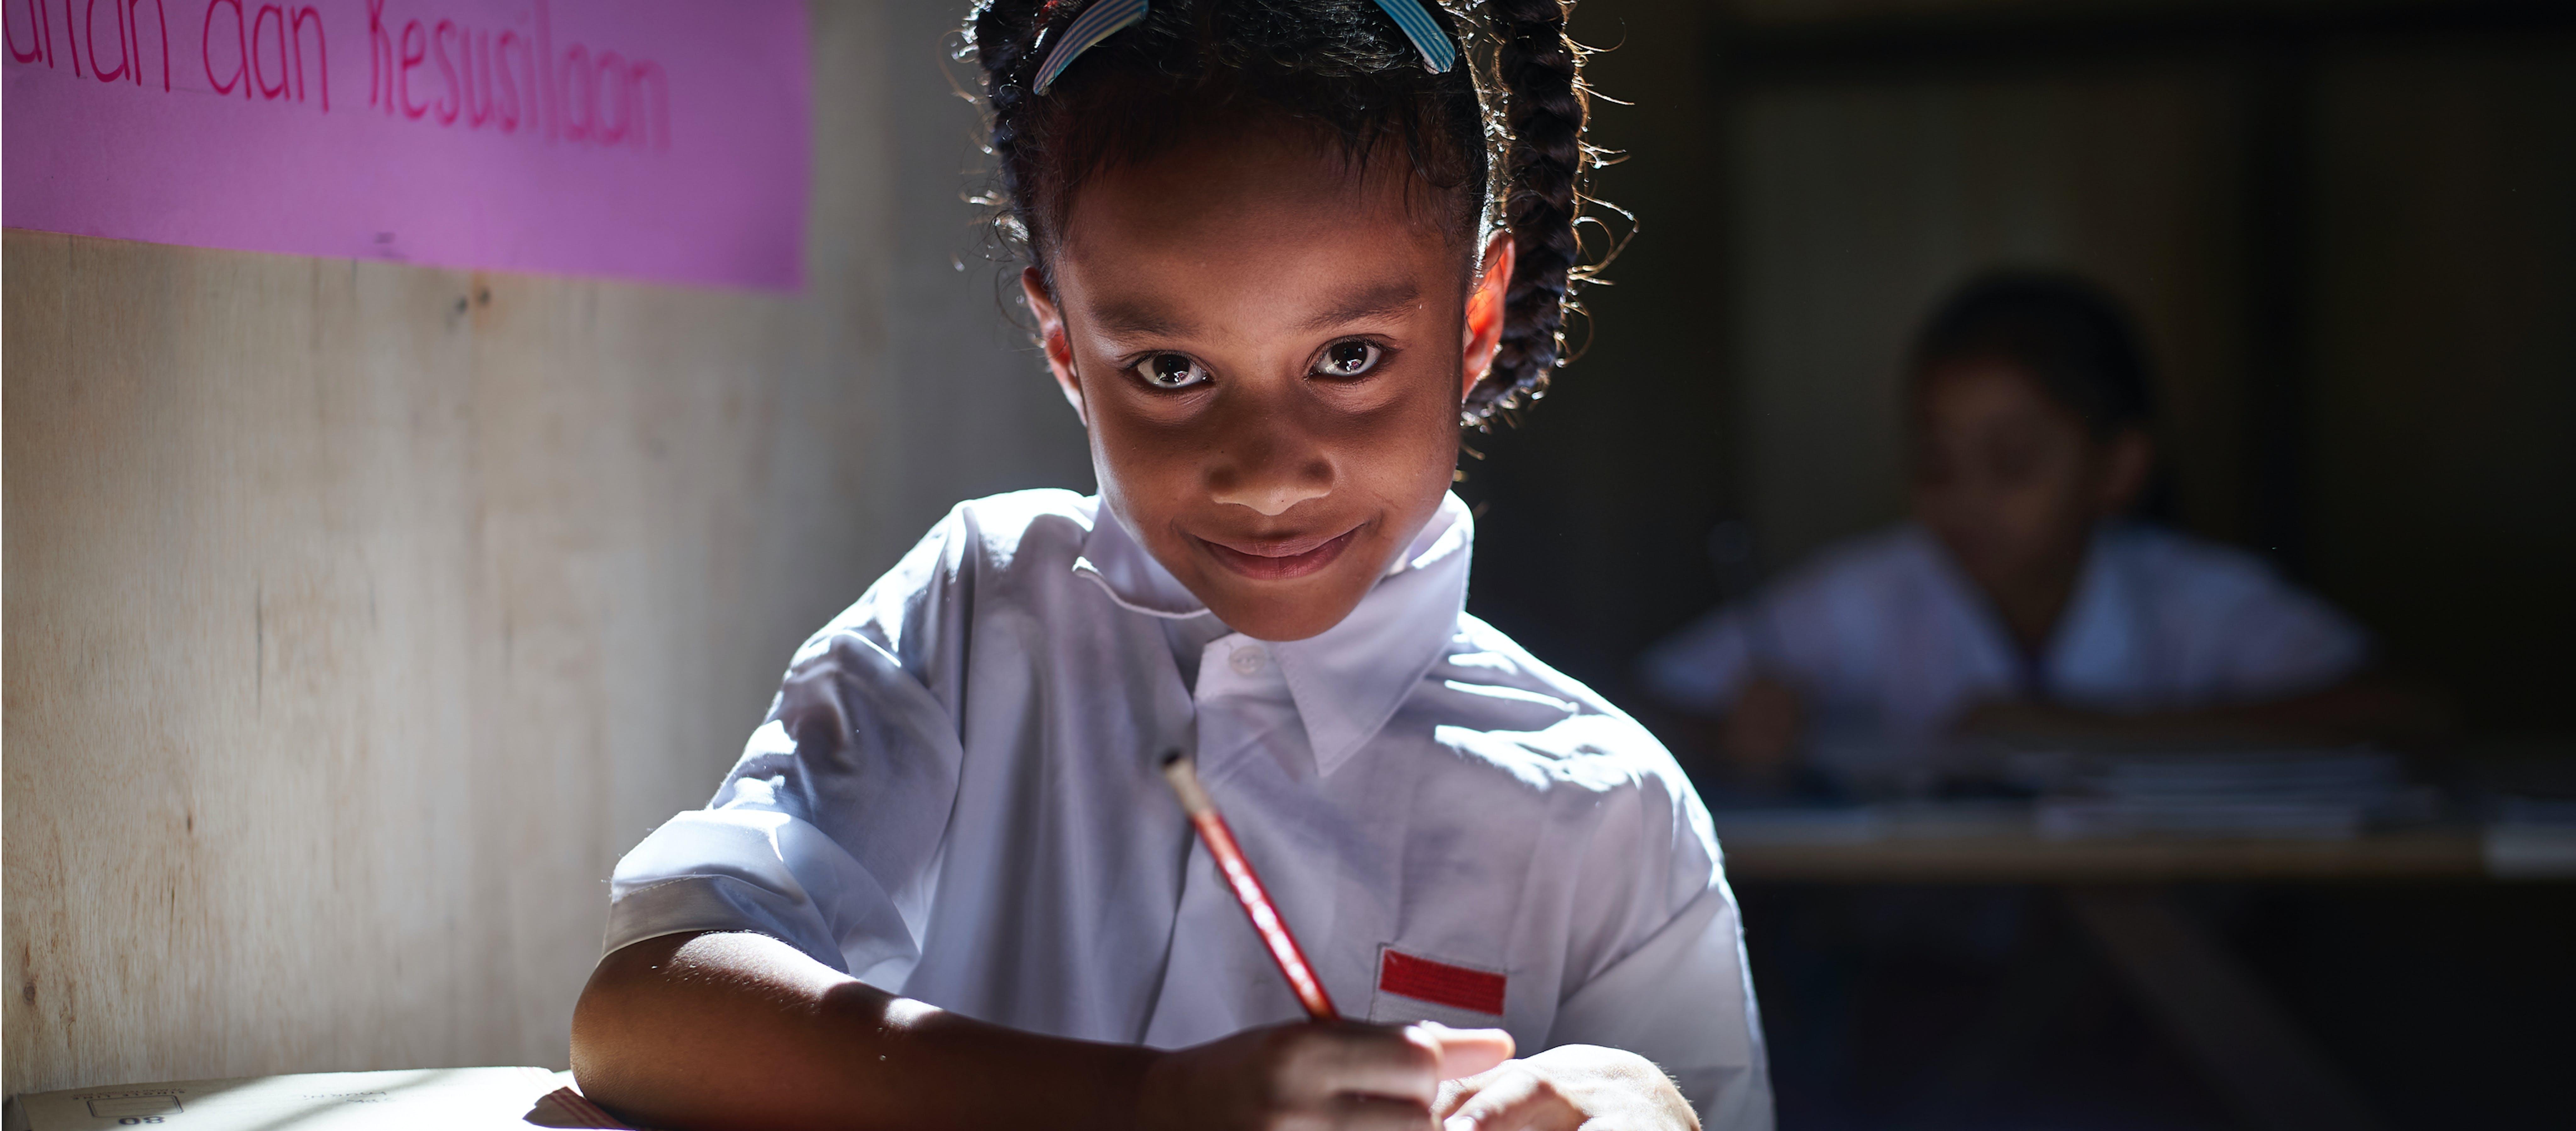 Una bambina a lezione in una scuola, in Africa